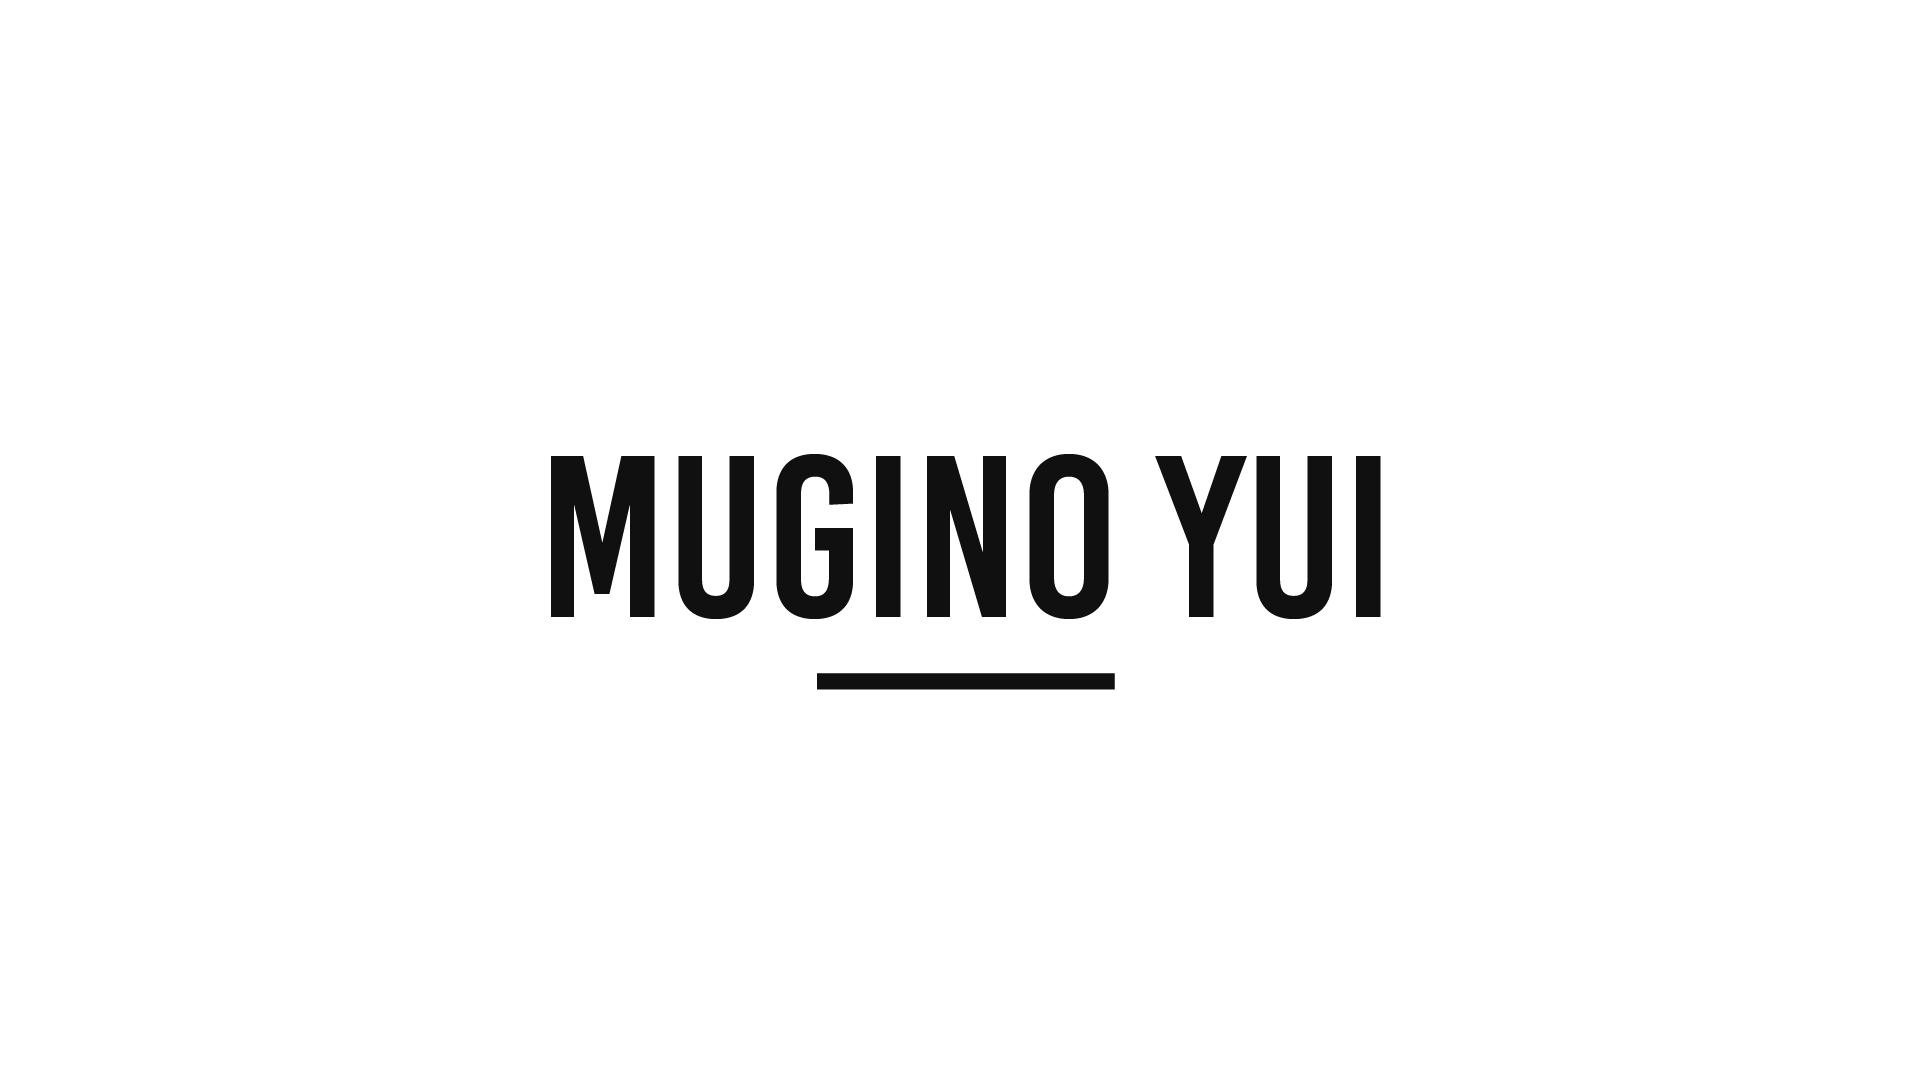 Mugino Yui